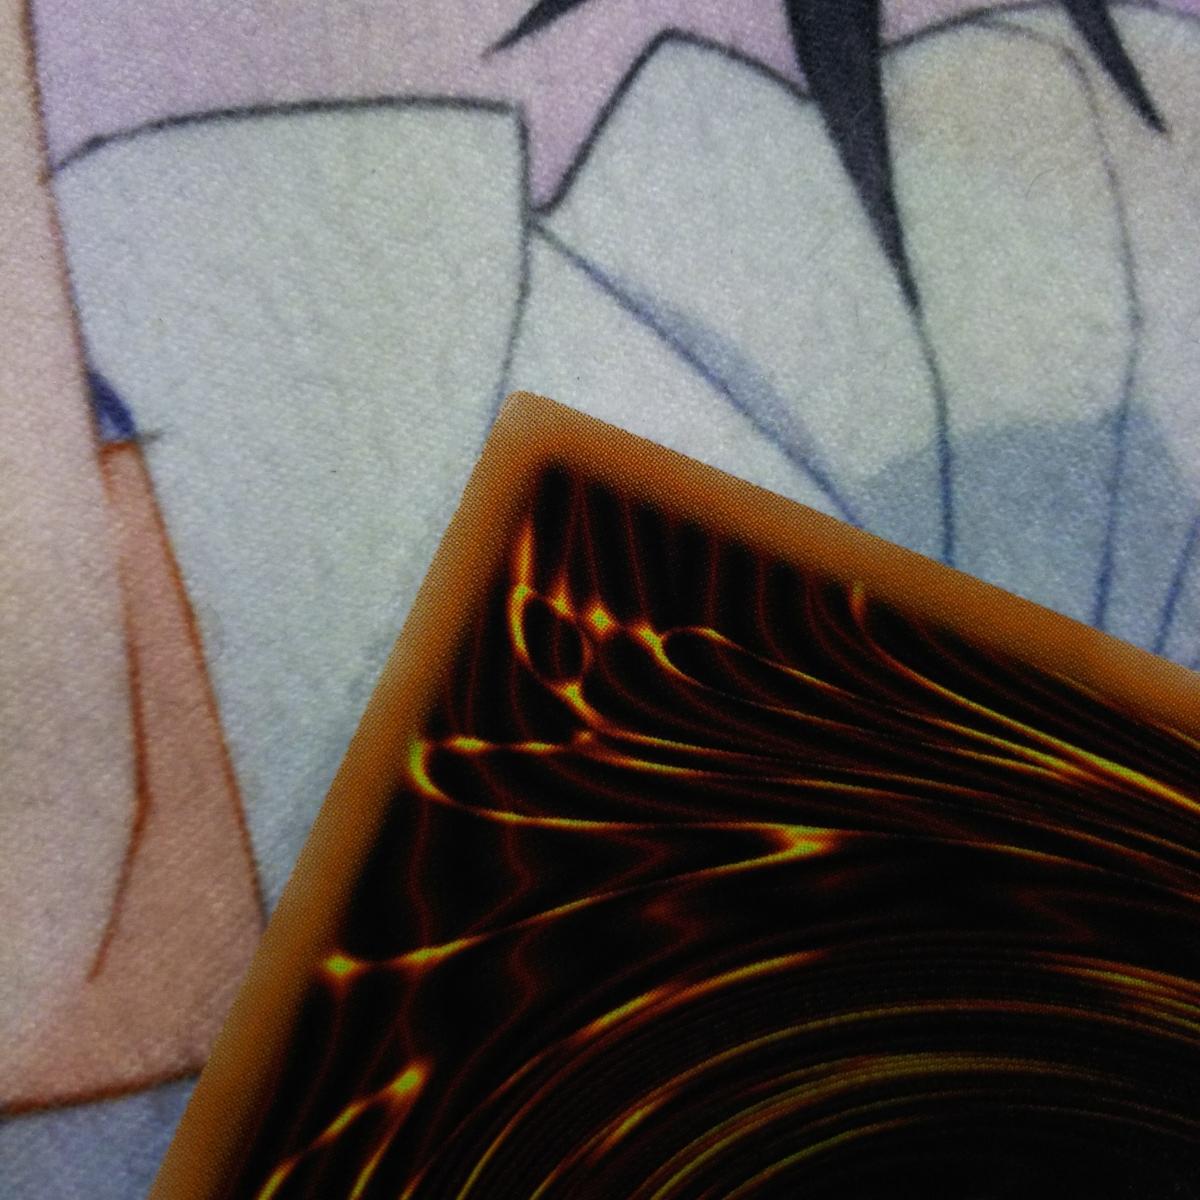 遊戯王 I:Pマスカレーナ/20thシークレット_画像3